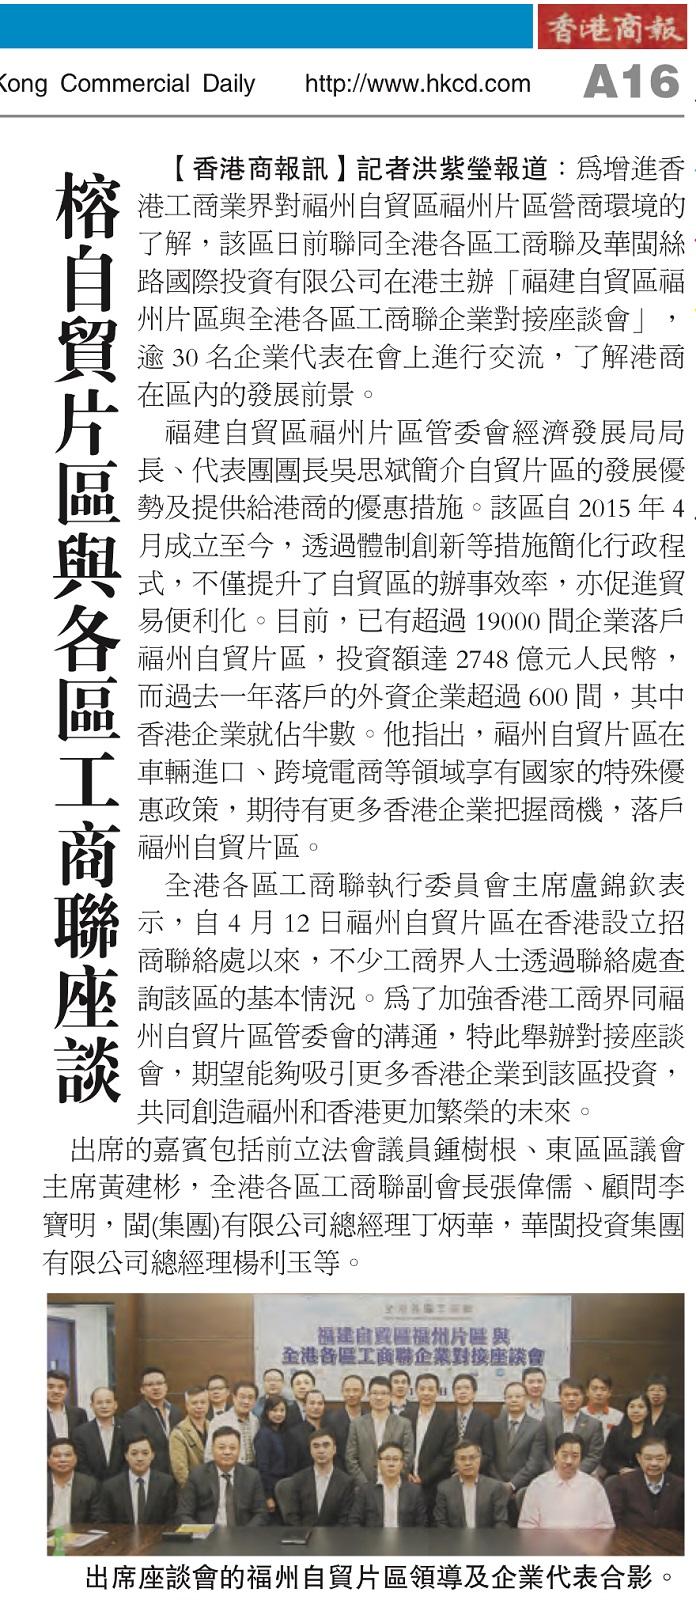 2016.12.05 榕自貿片區與各區工商聯座談 香港商報A16版